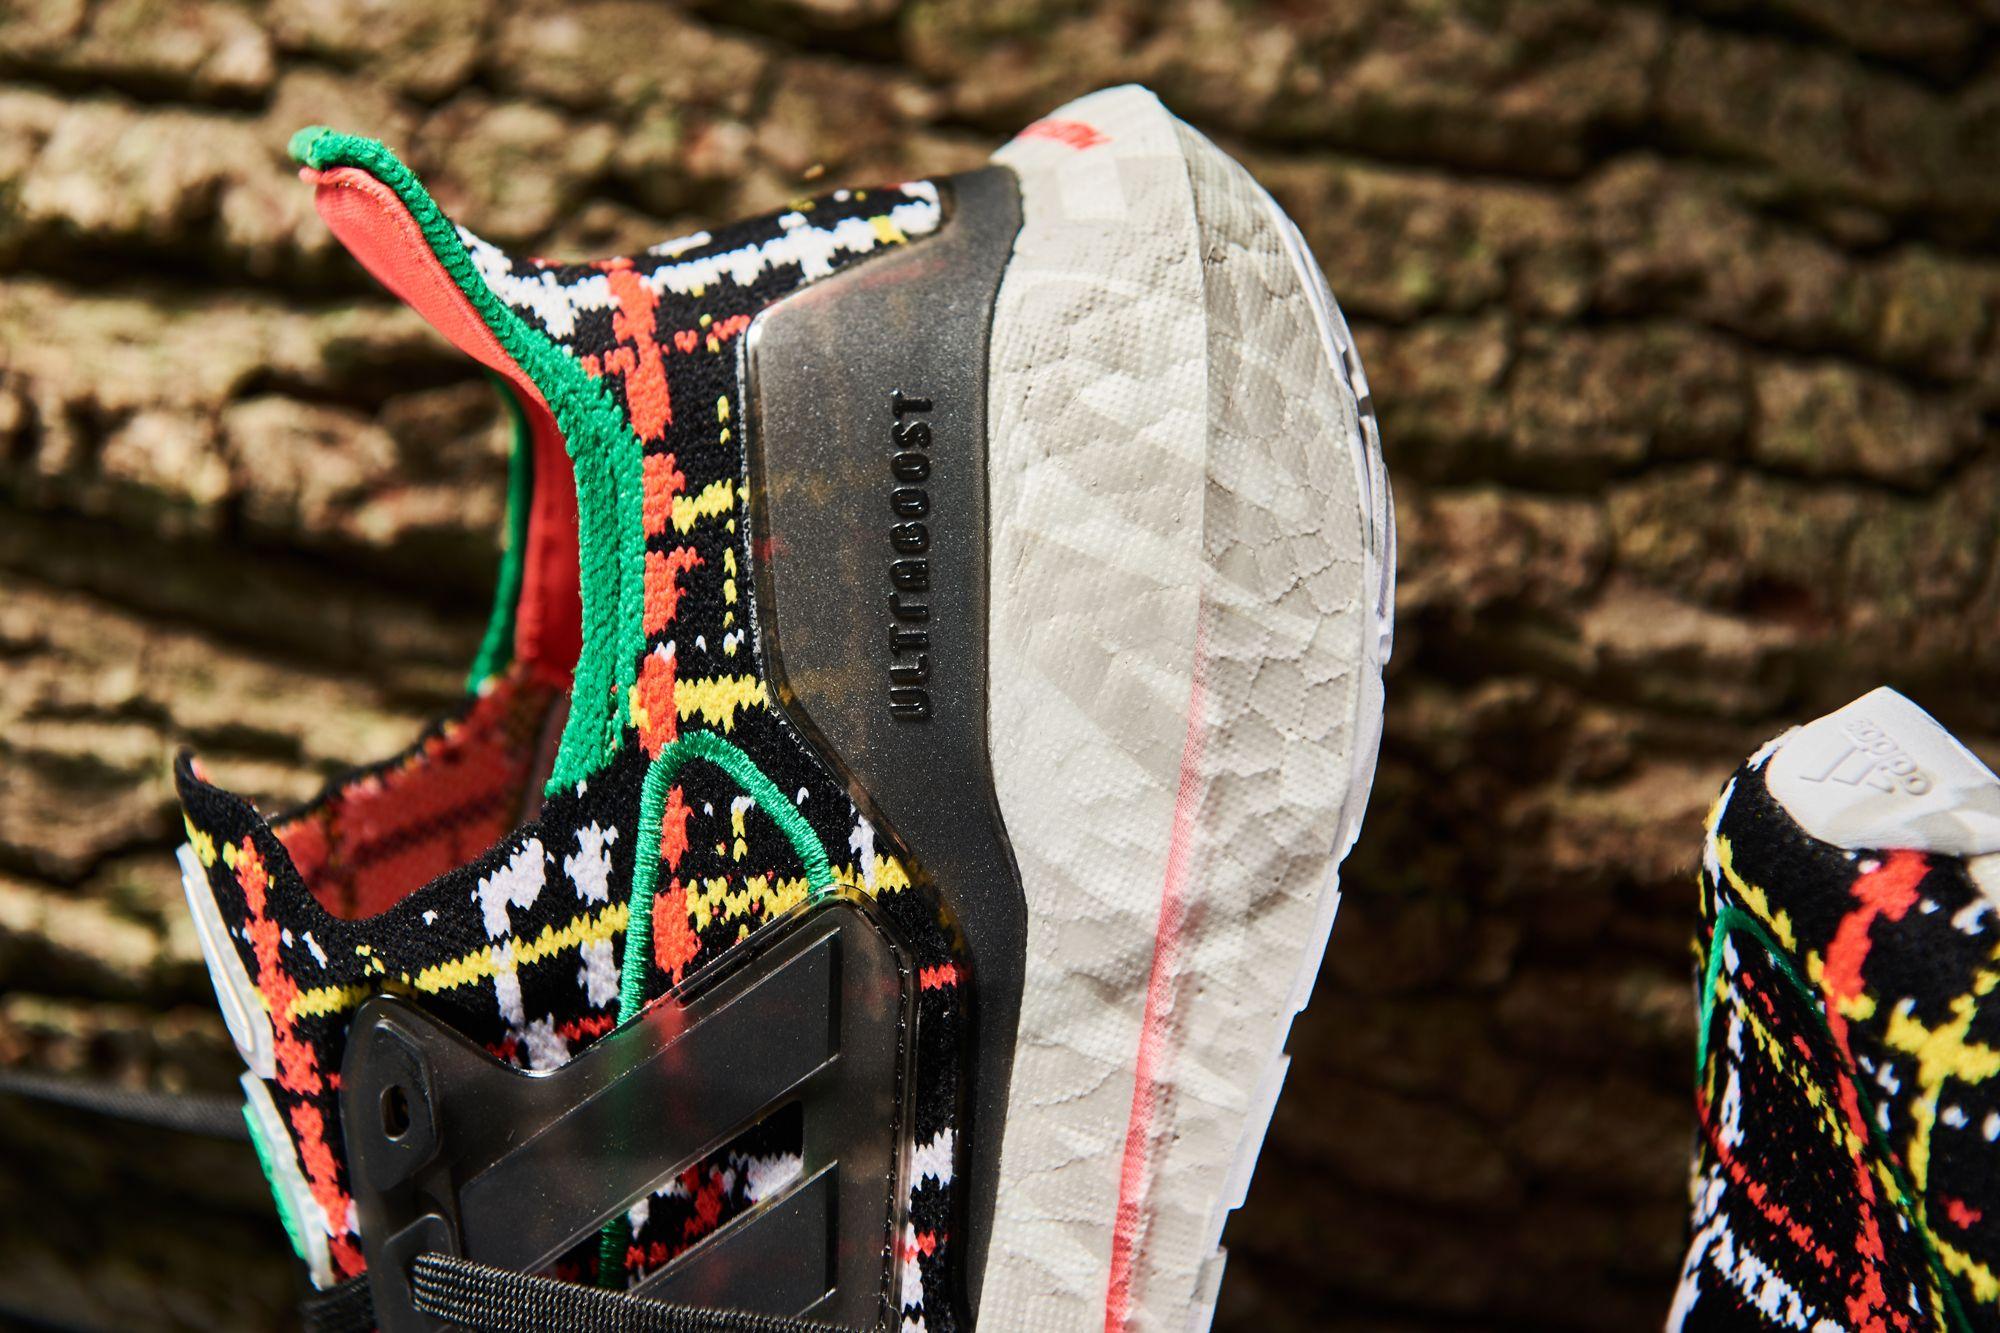 Palace x adidas UltraBOOST 21